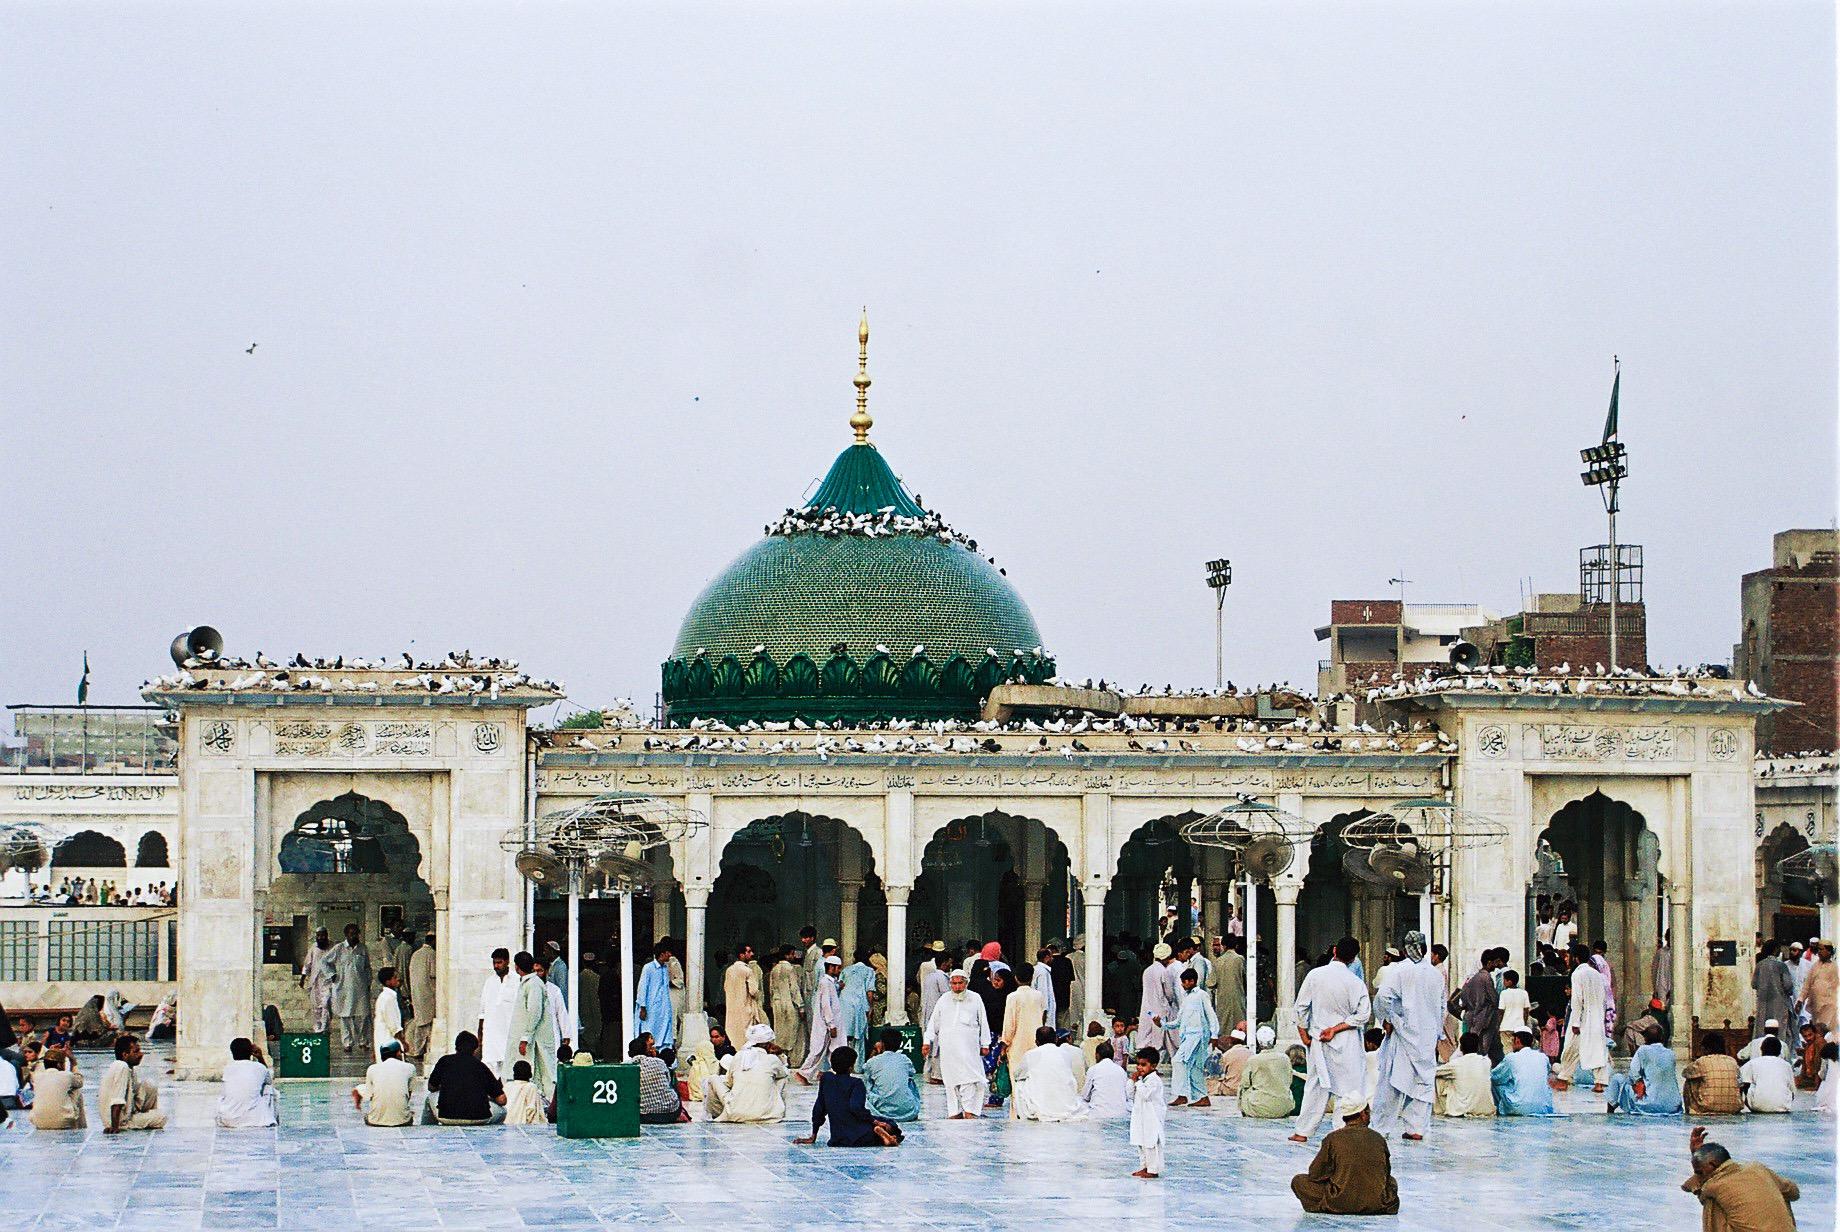 Najmanje 10 ljudi je poginulo i 20 ranjeno kod sufijskog mezara